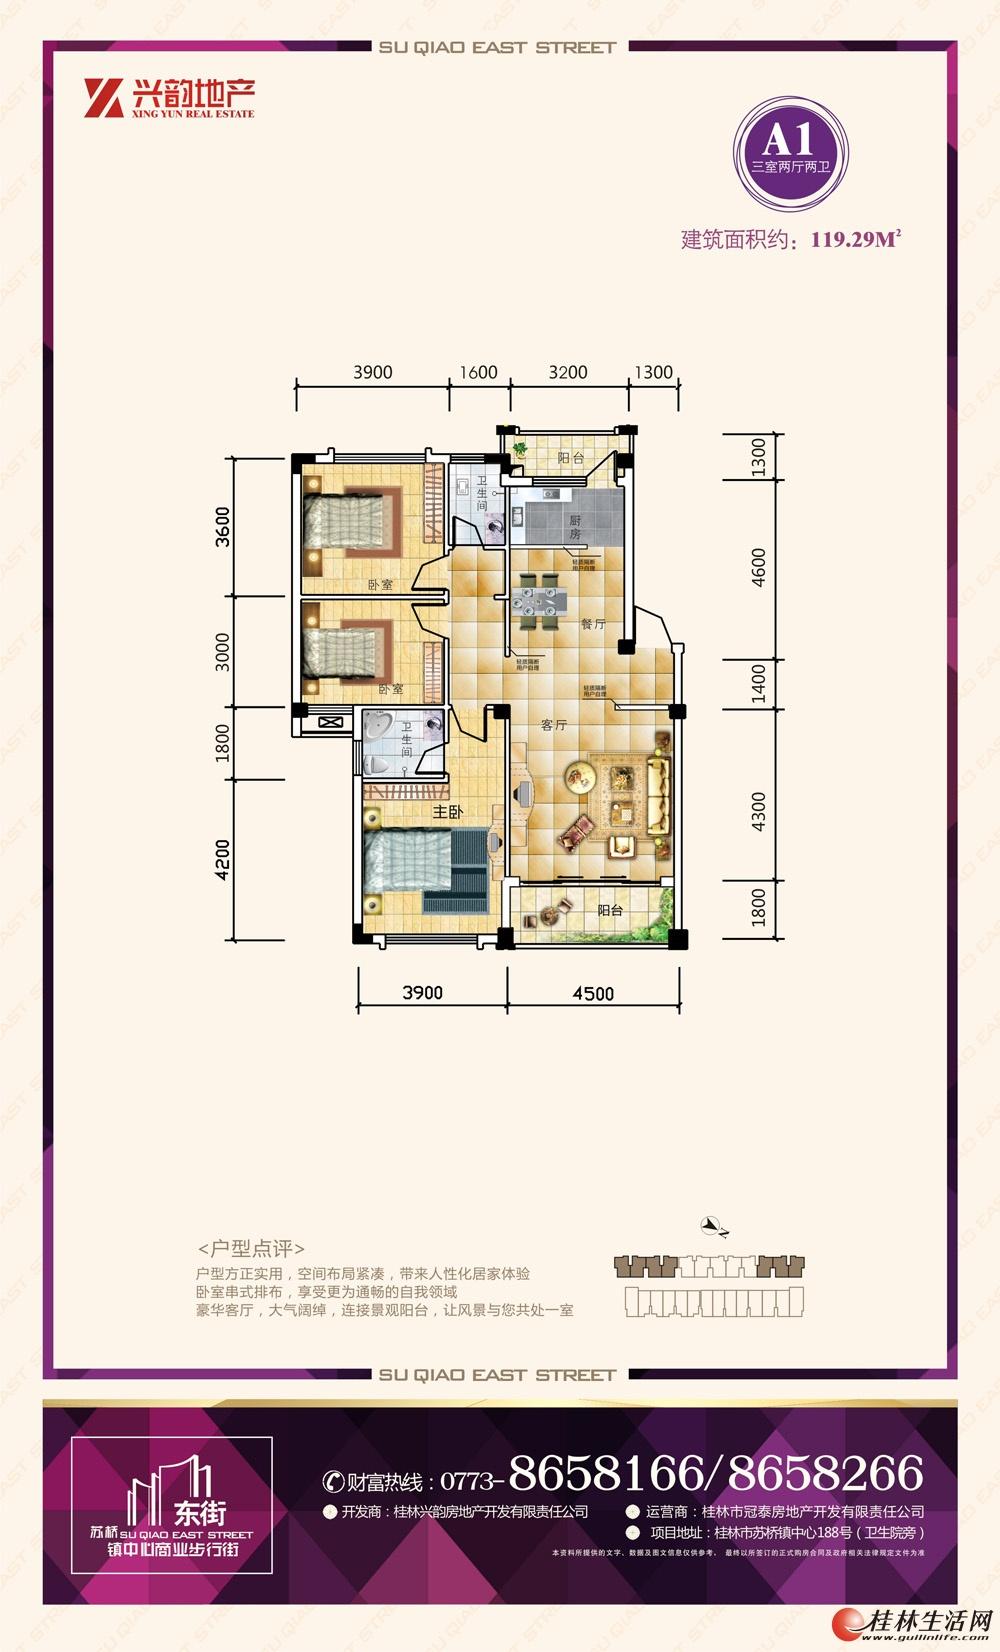 A1 三室两厅两卫 119.29㎡